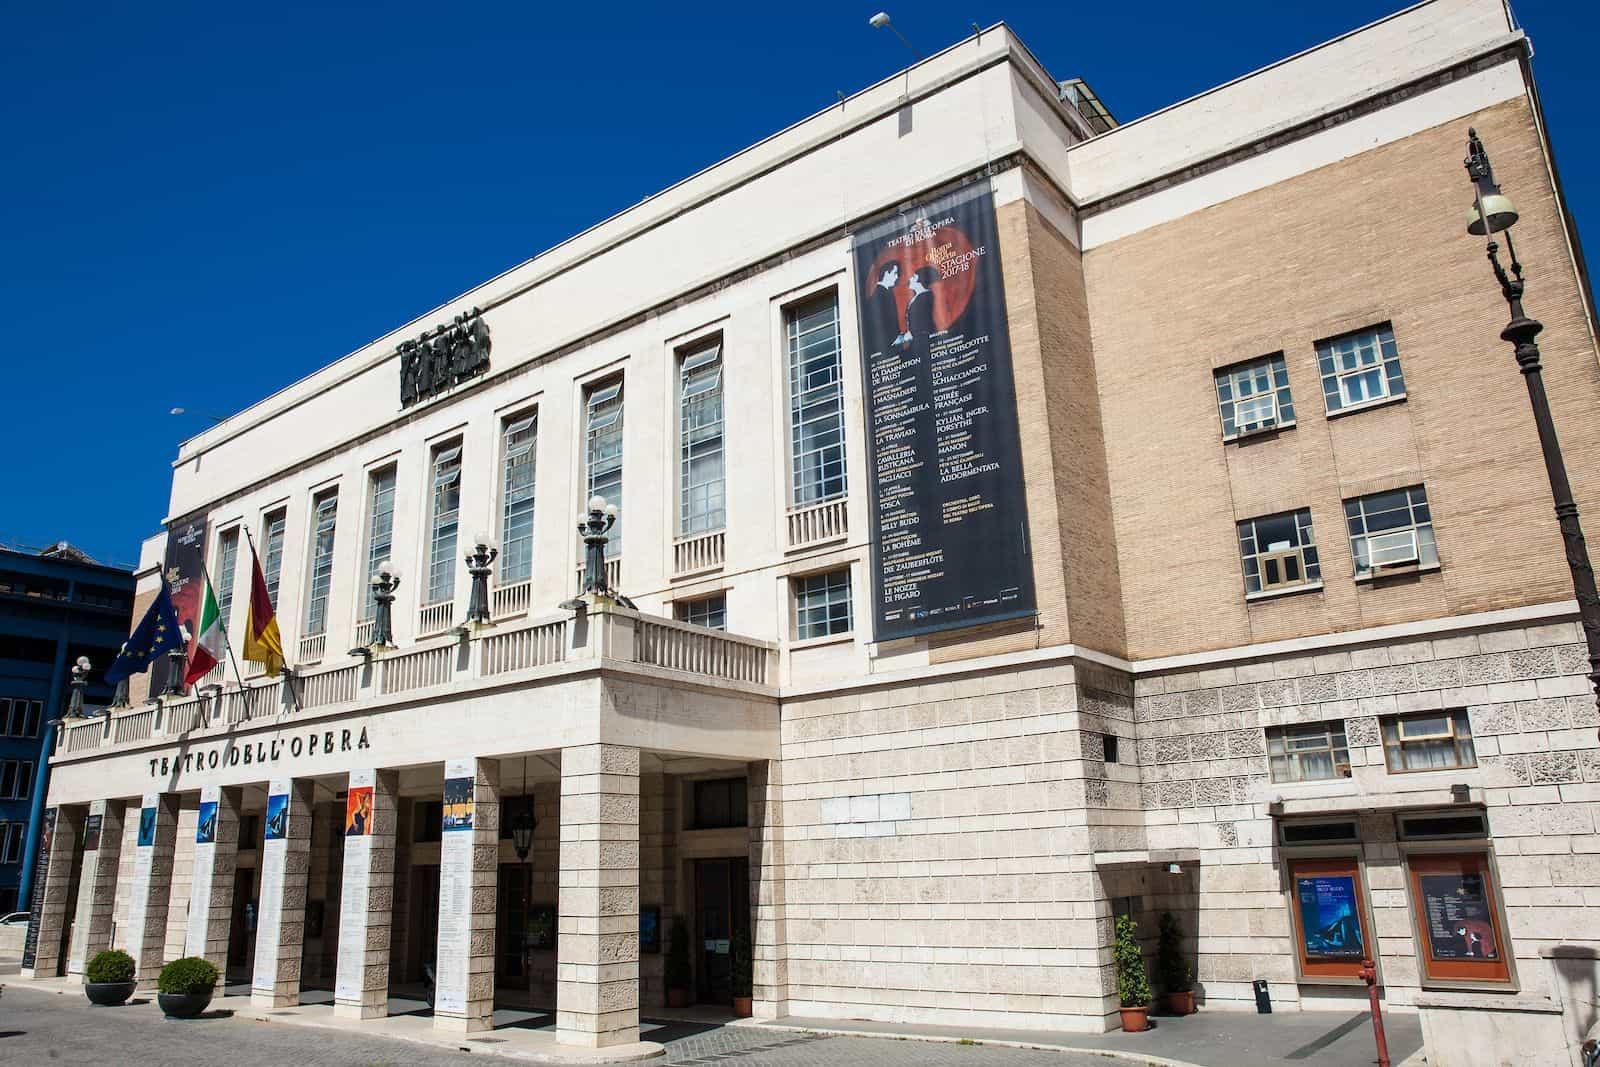 Teatro dell'Opera di Roma (Rome Opera House)